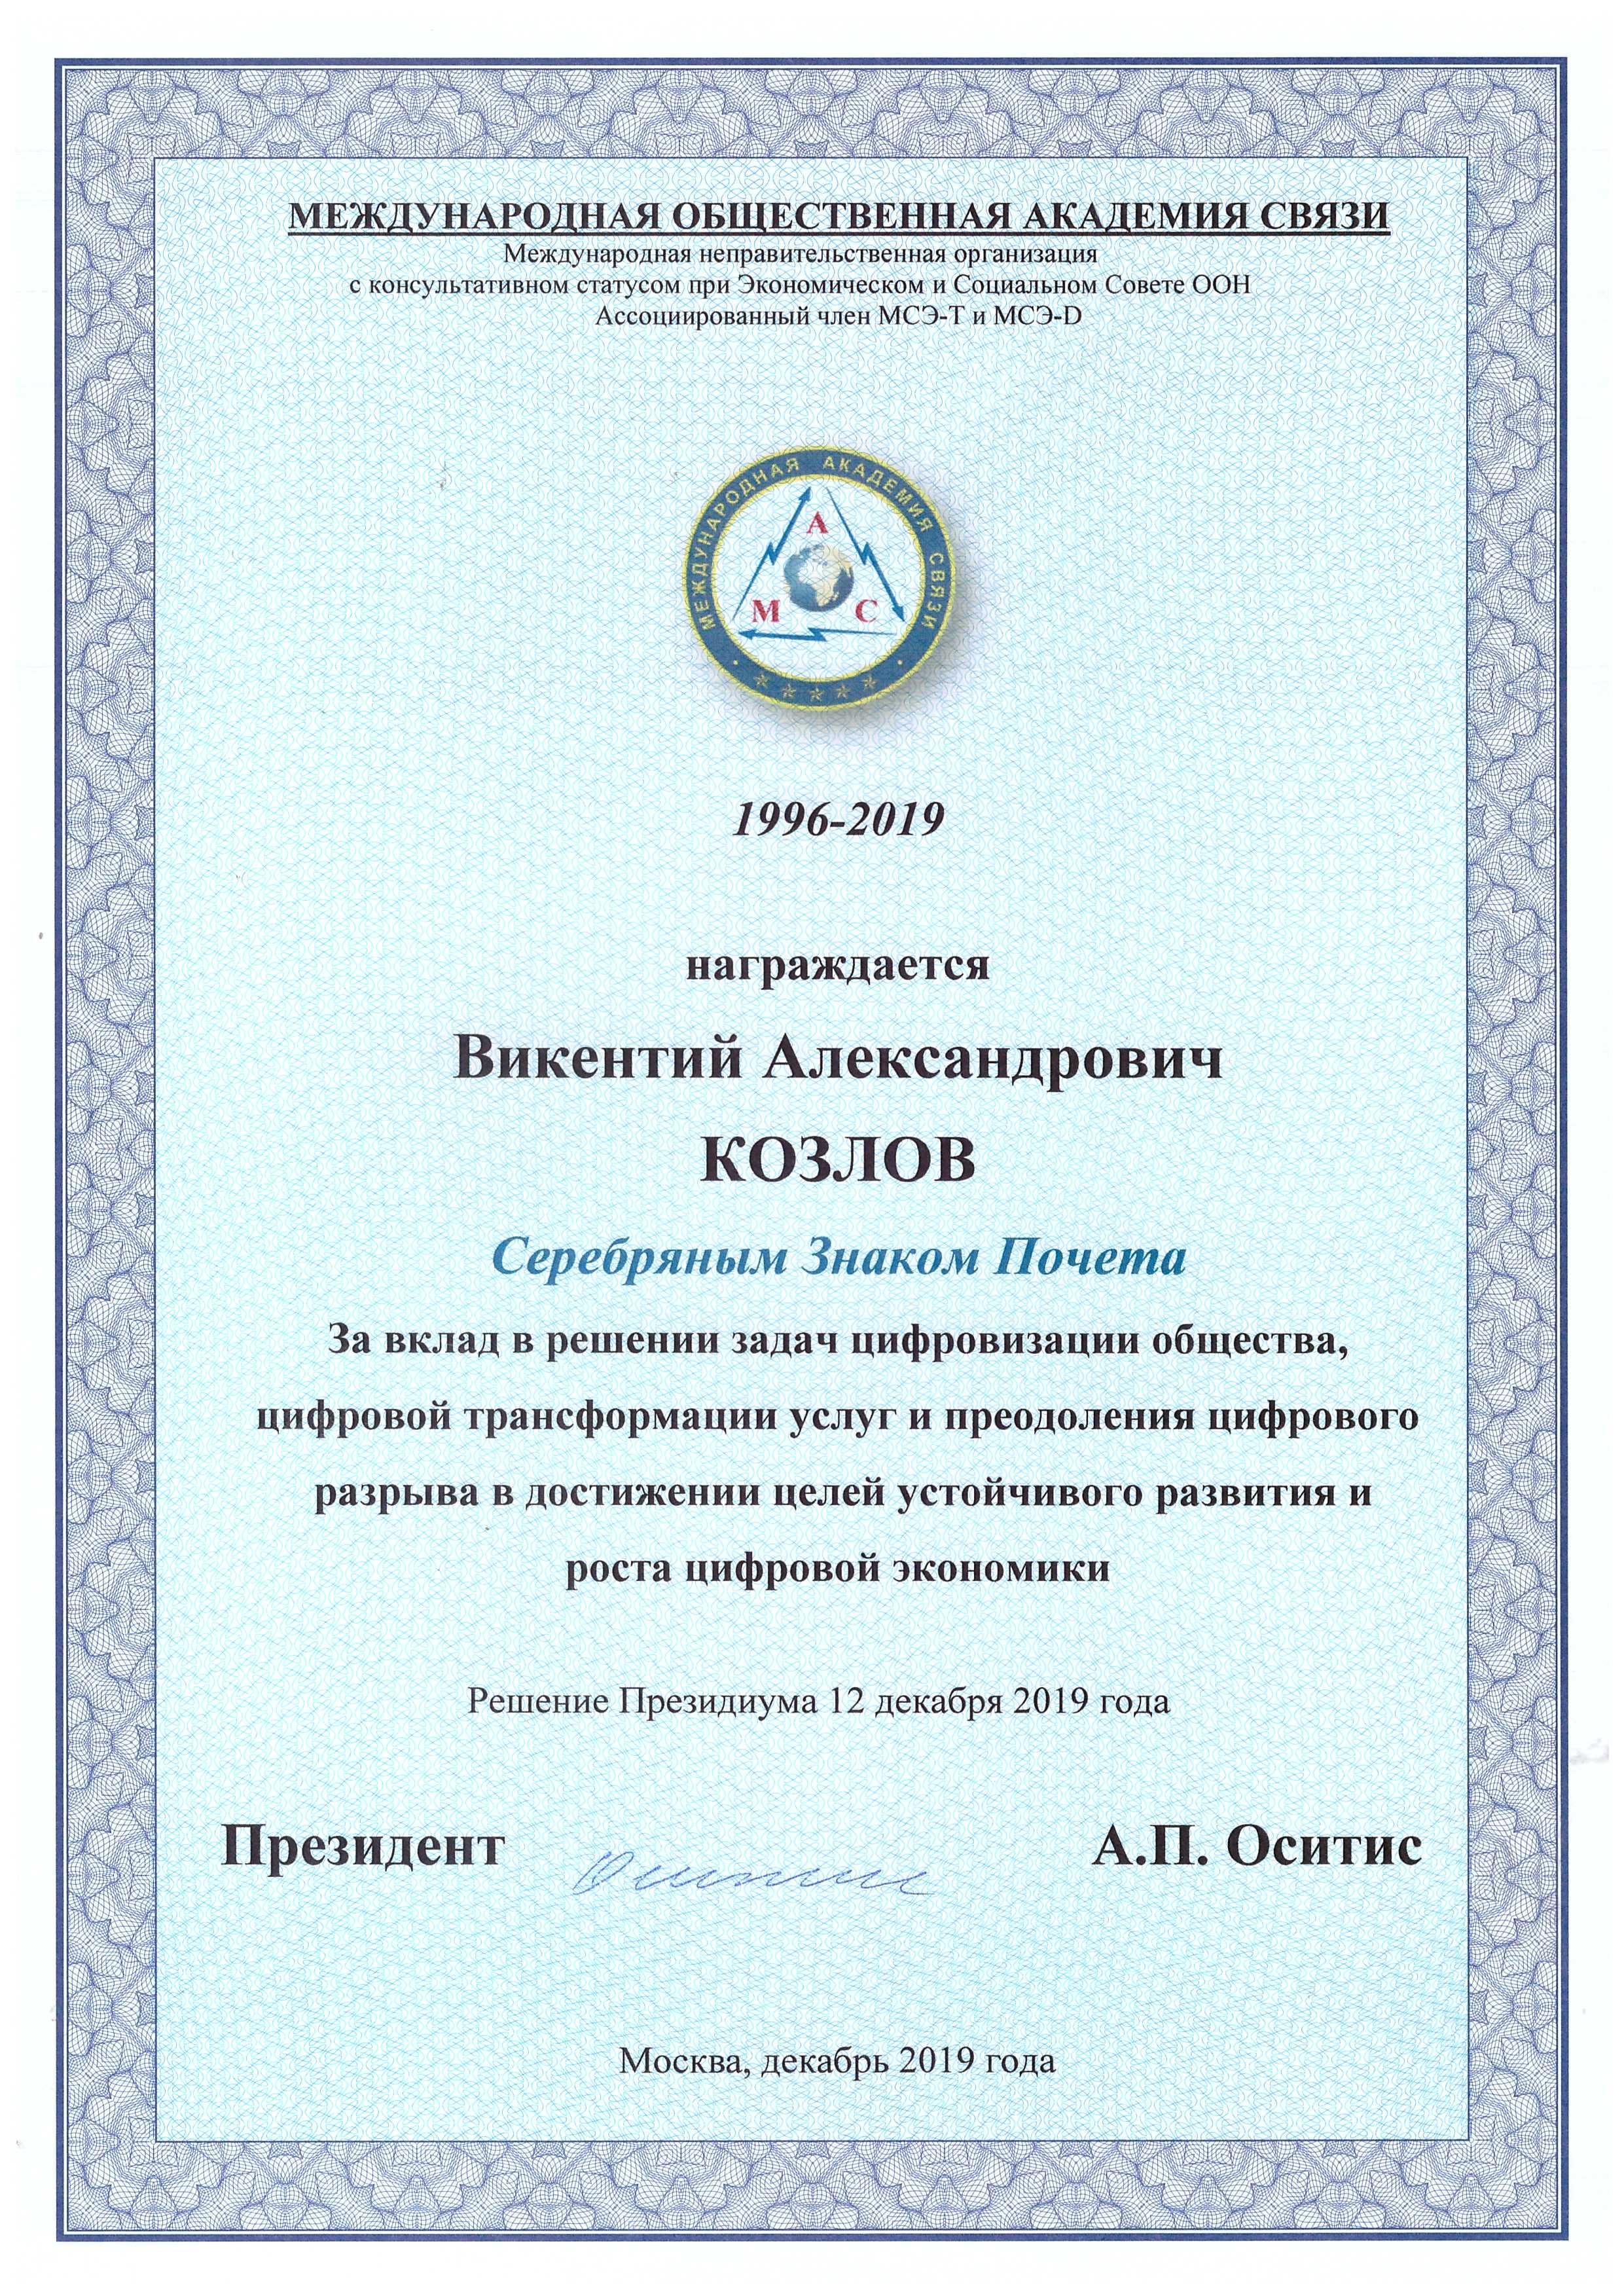 Серебряный Знак Почета от Международной Академии связи